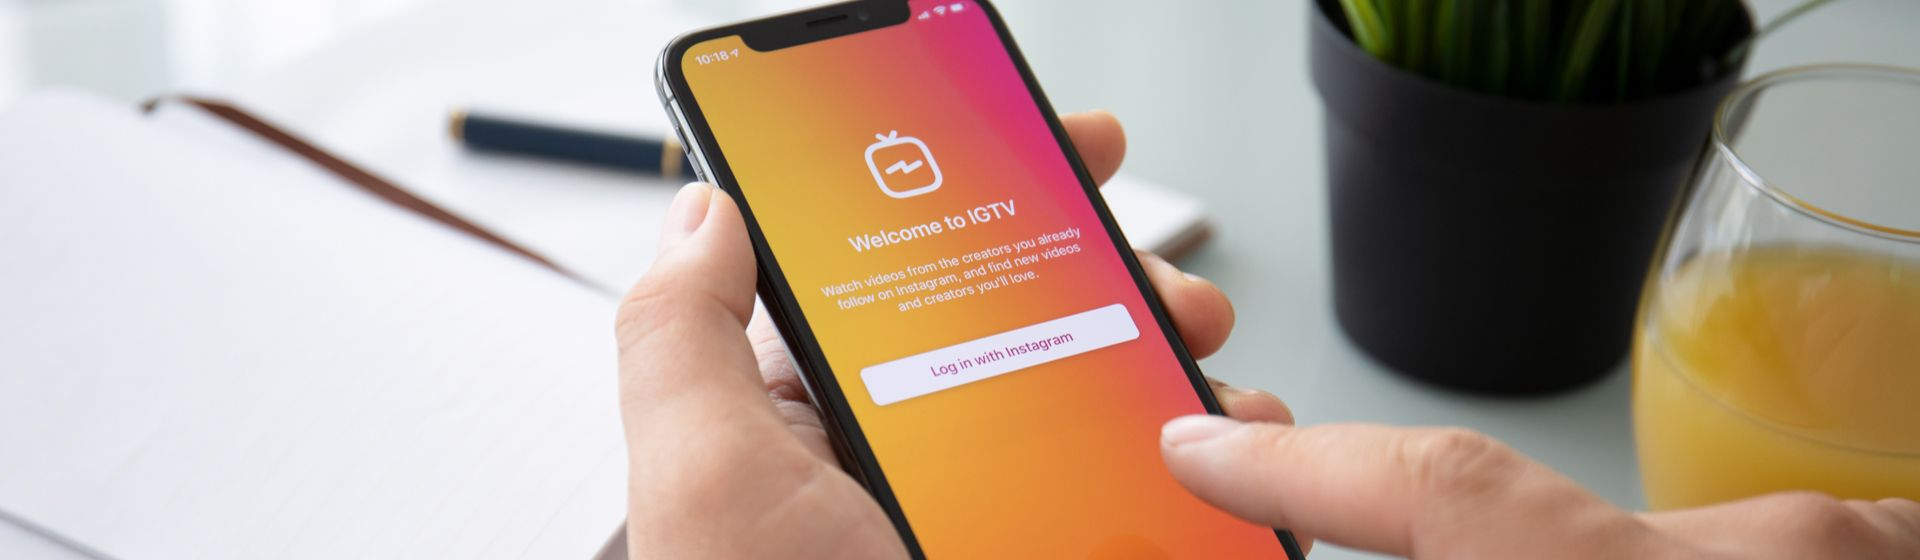 Como acessar o IGTV no celular e na web